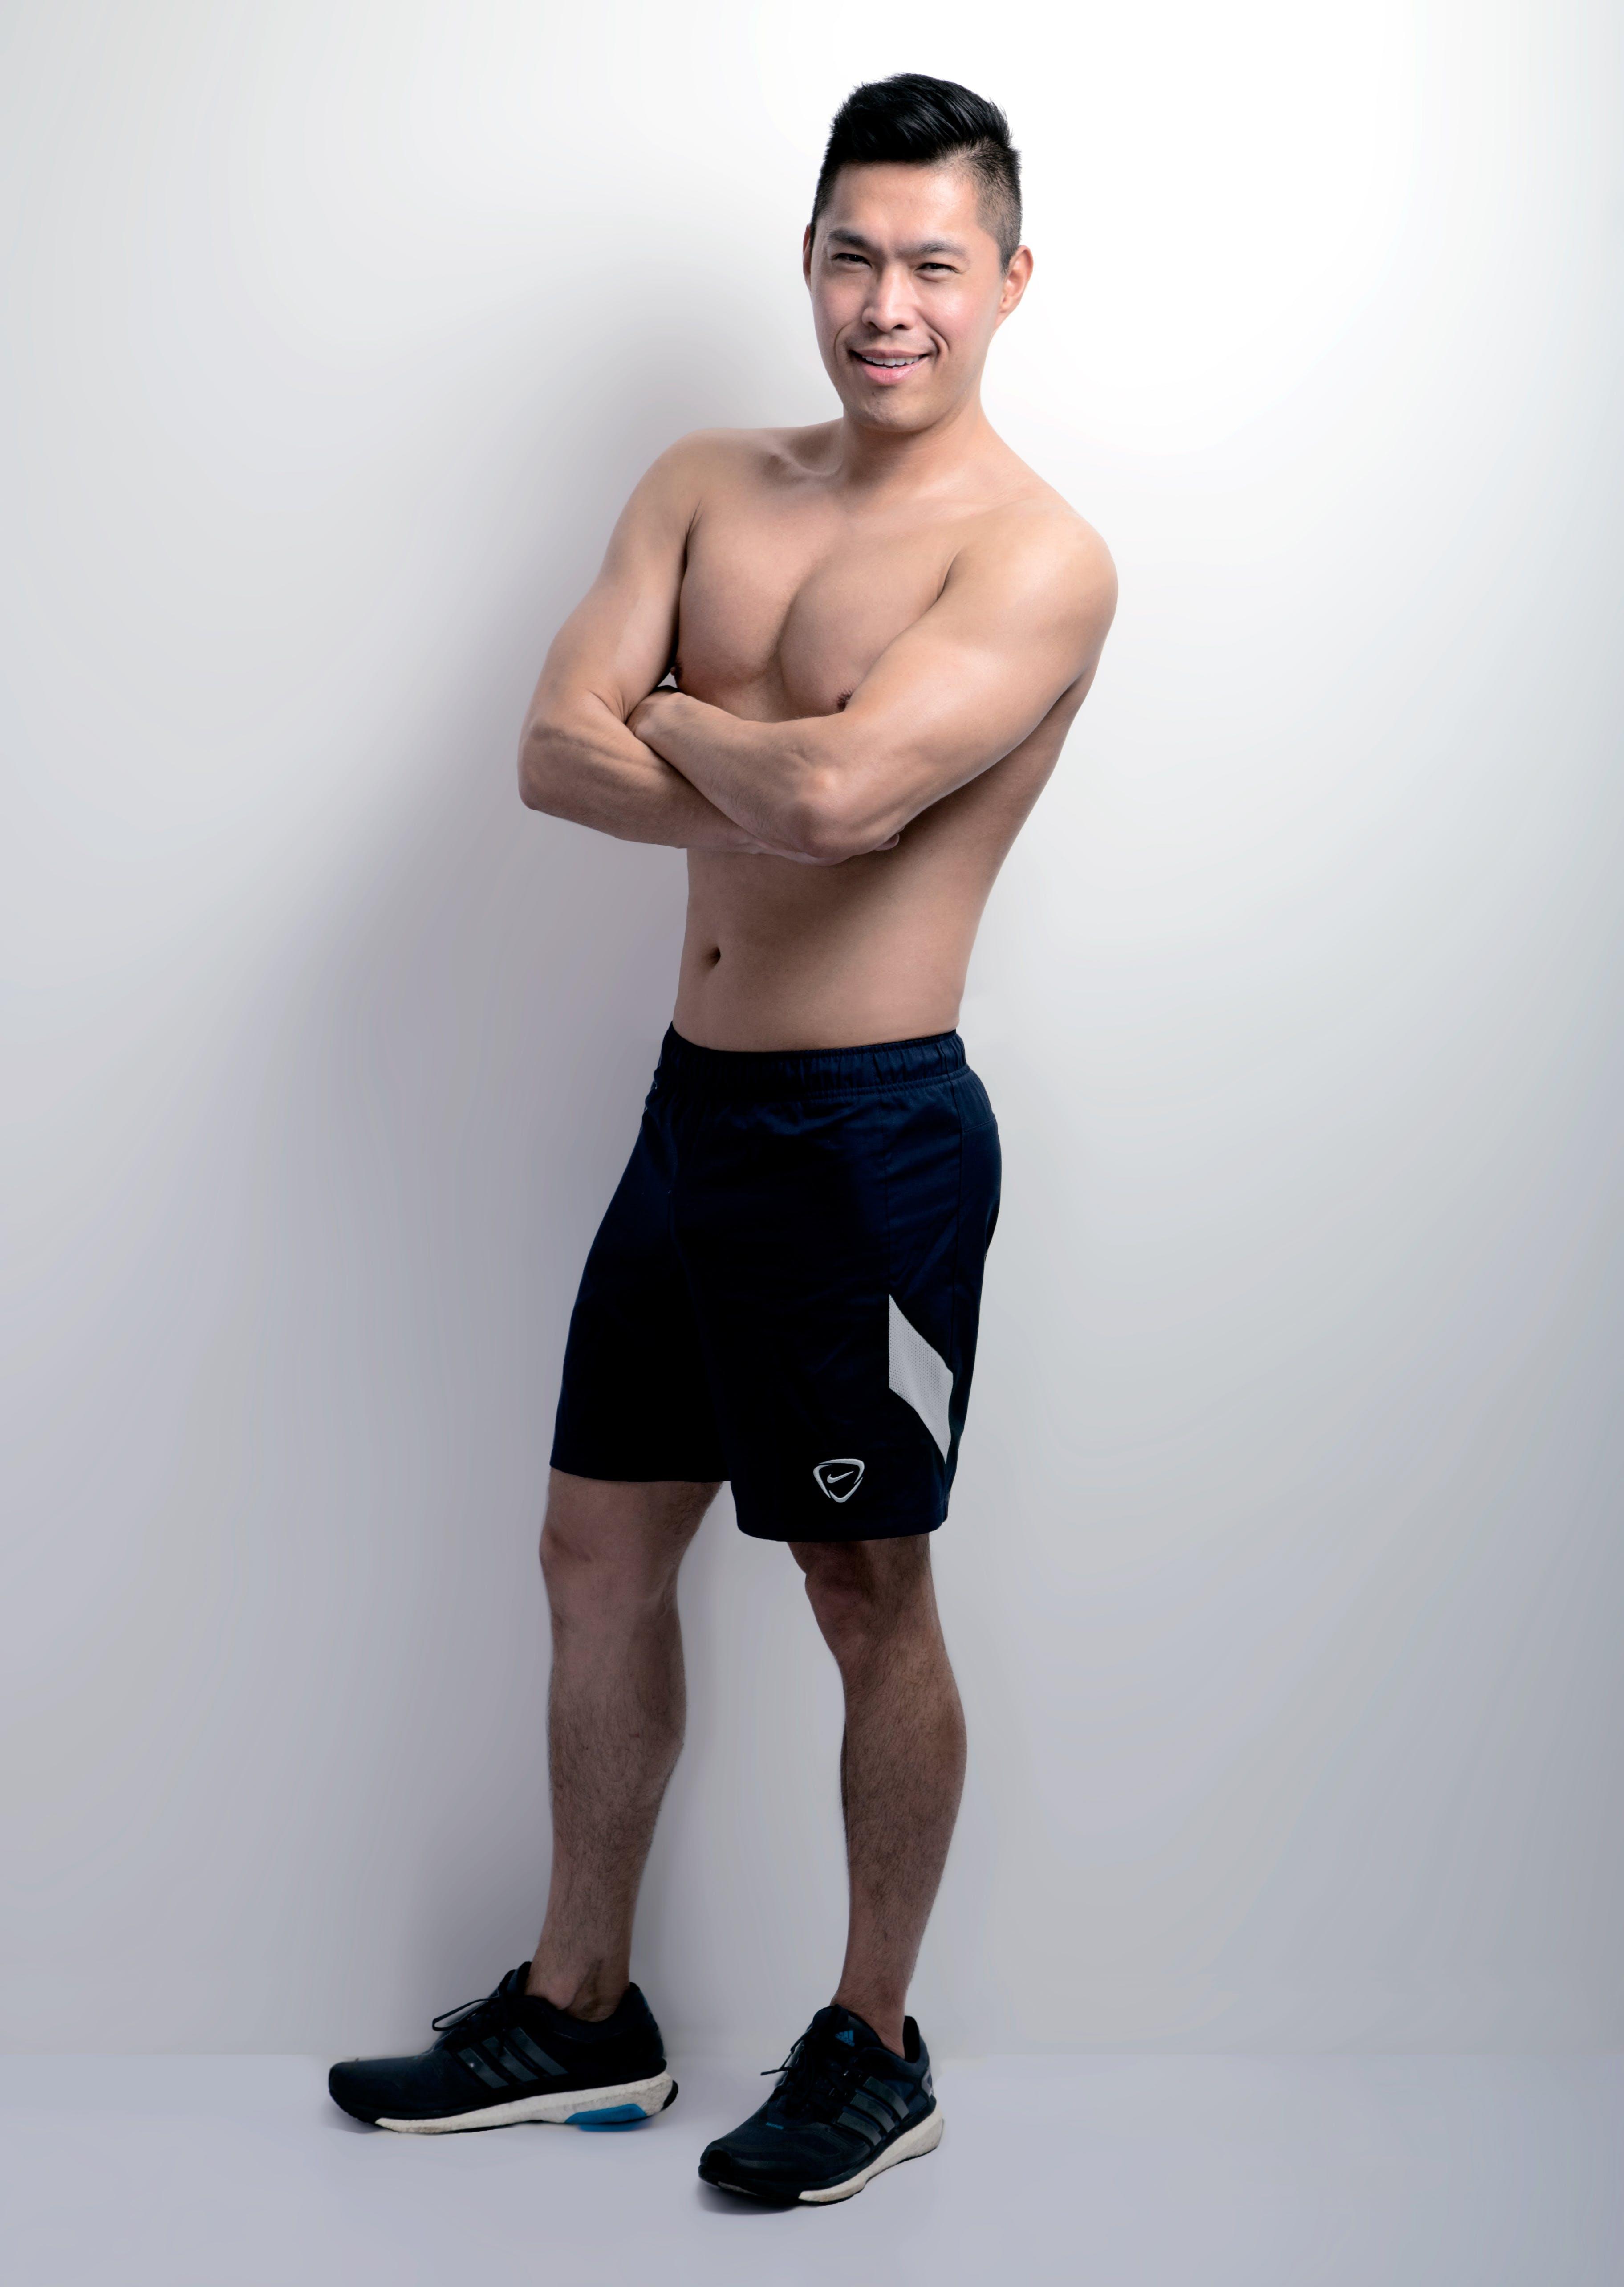 Kostenloses Stock Foto zu asiatisch, fitness, model, ohne hemd